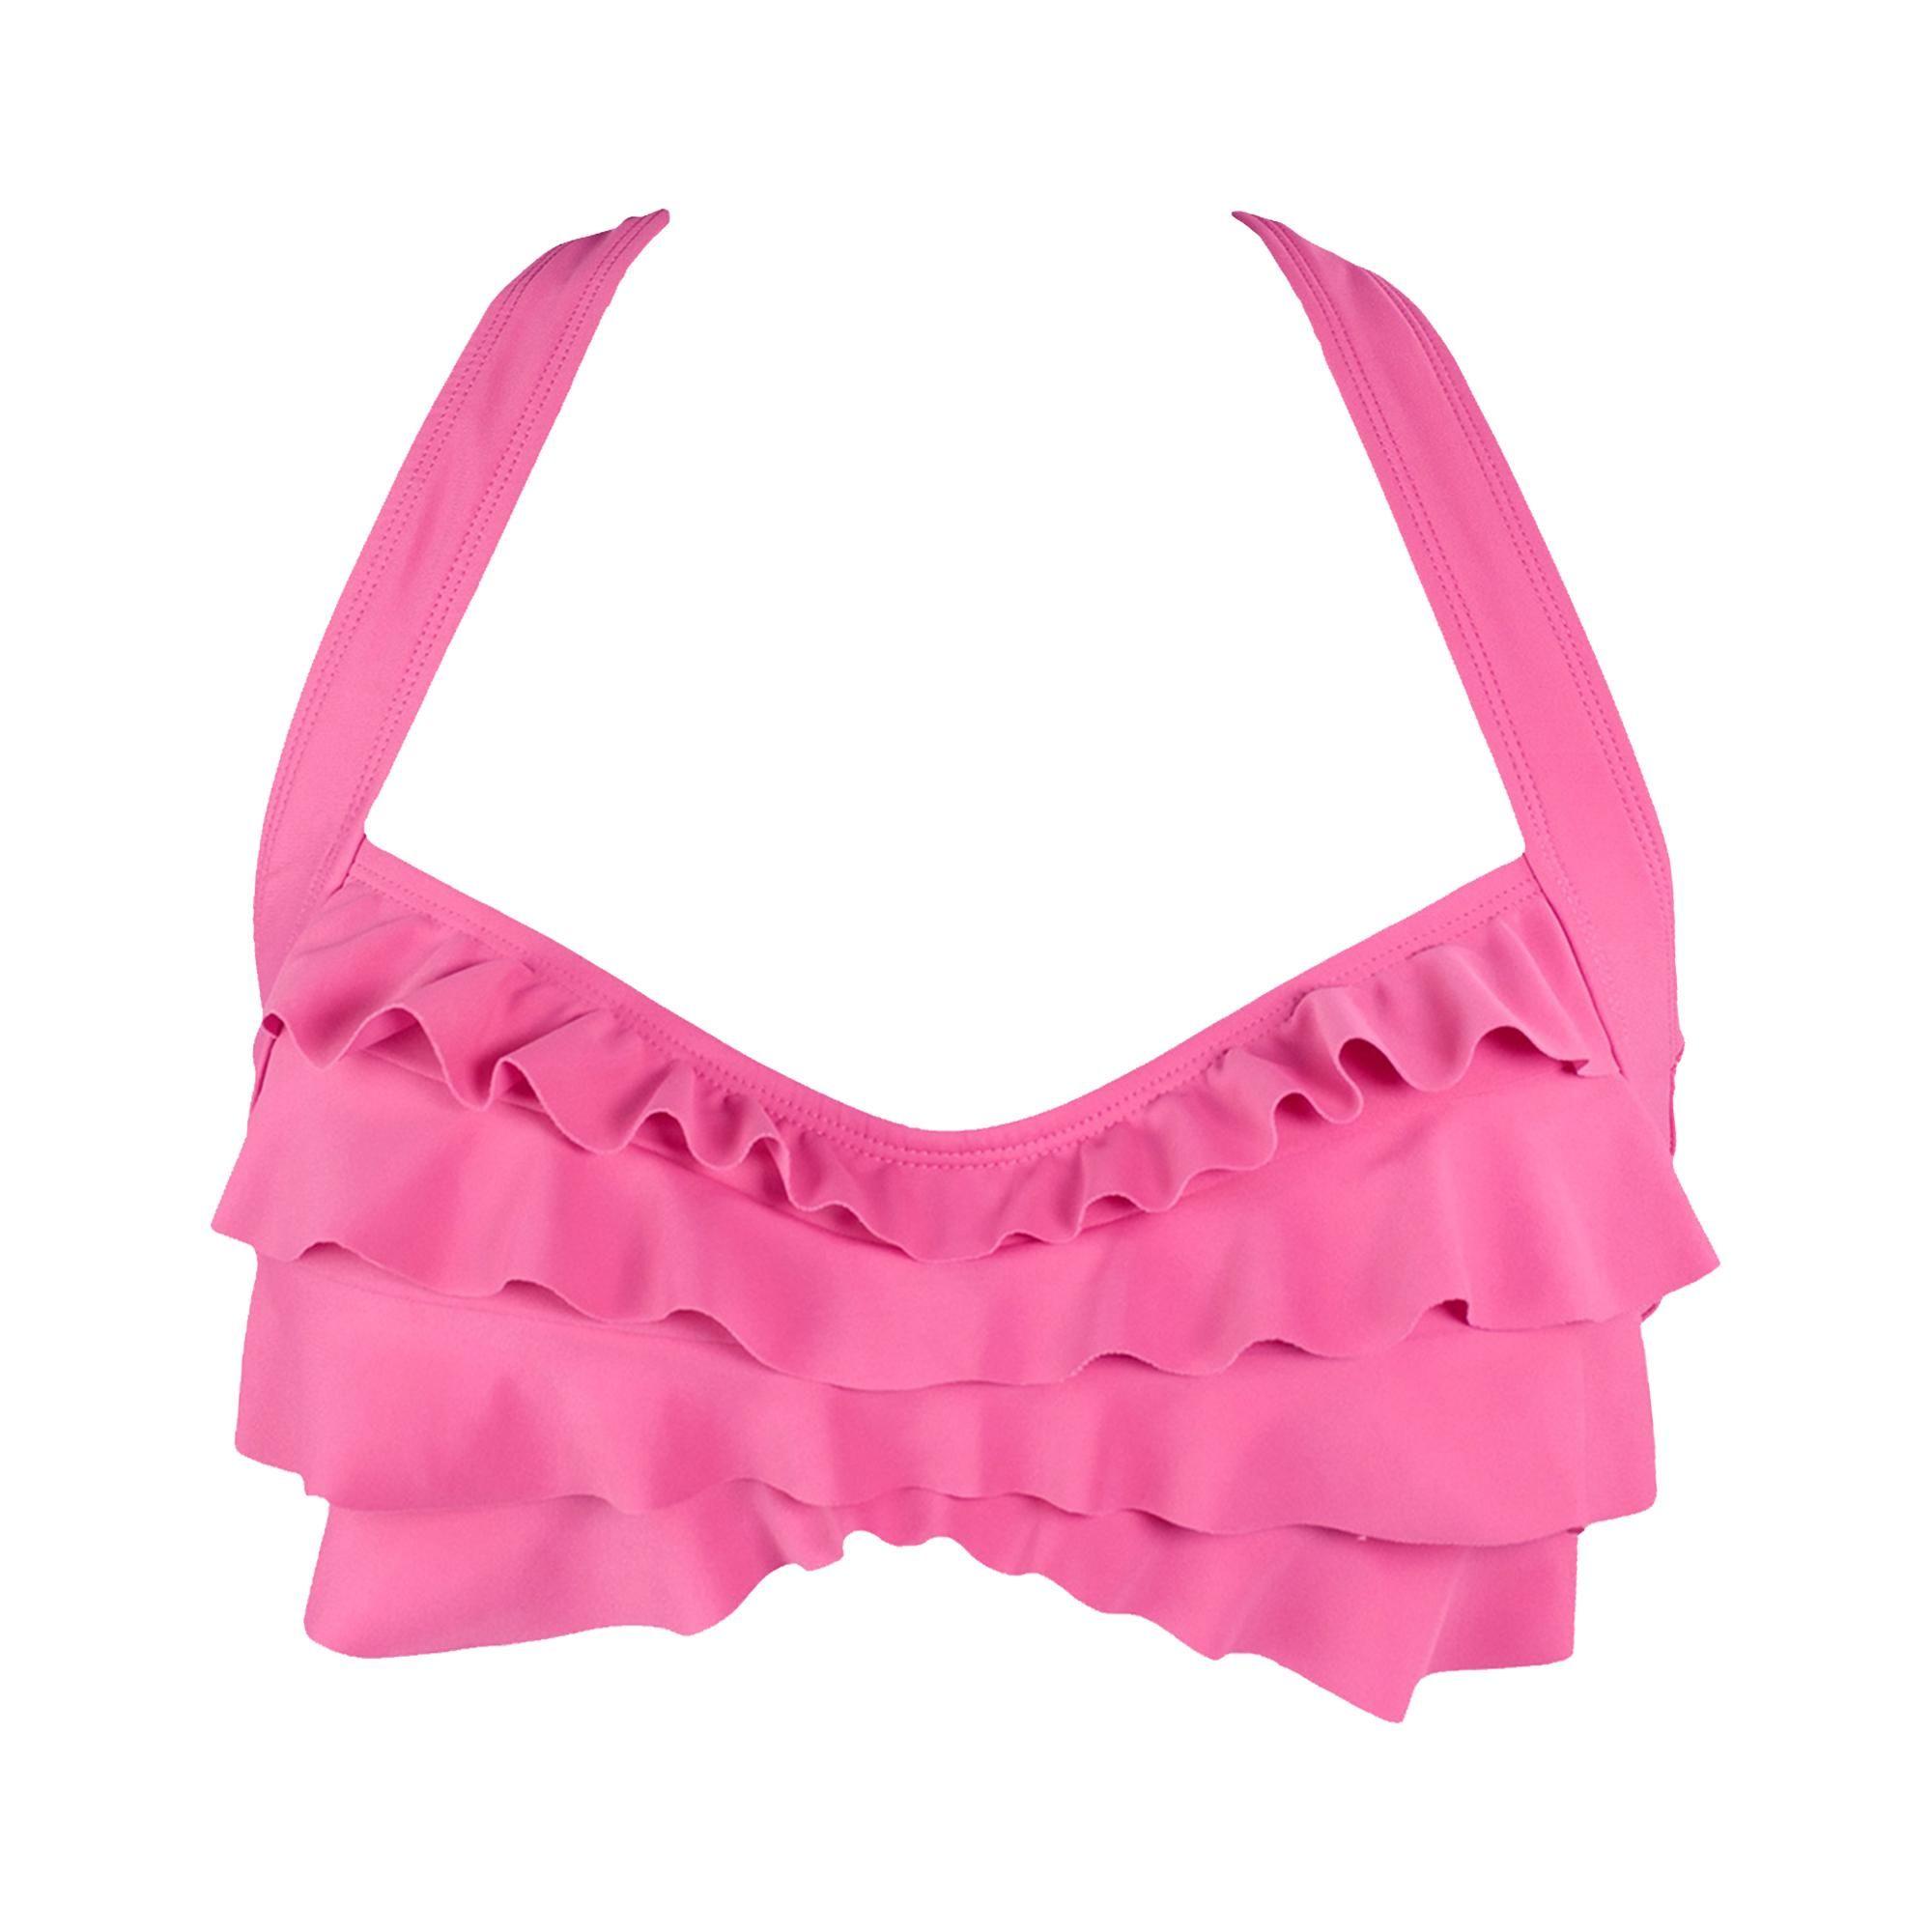 21977cfe132db Pink Sea Wave Bikini Top. Tap to expand